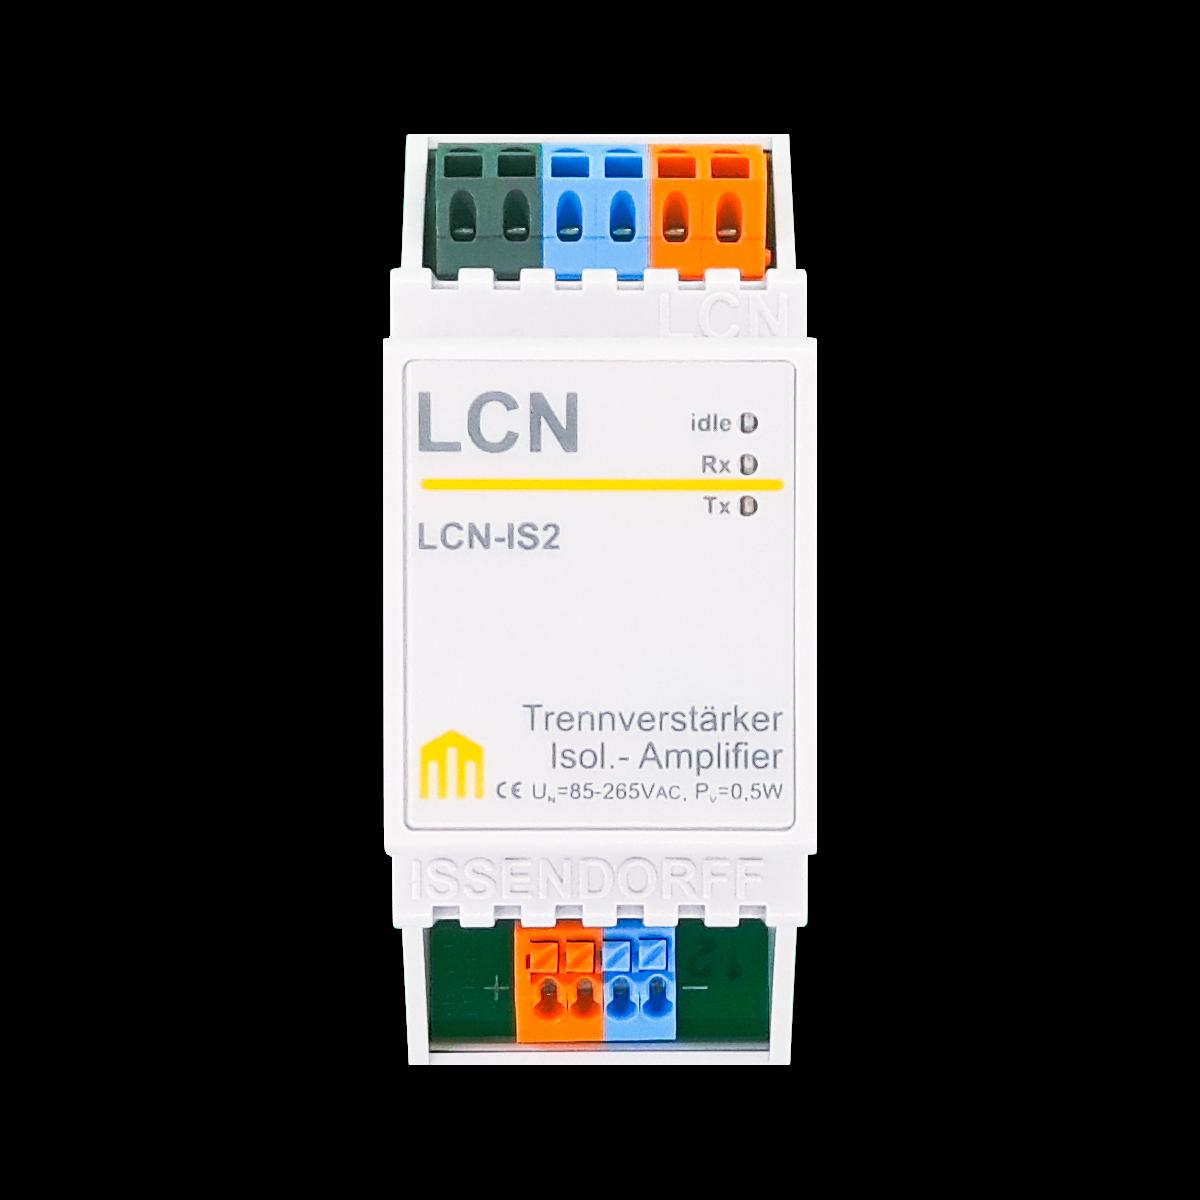 LCN-IS2